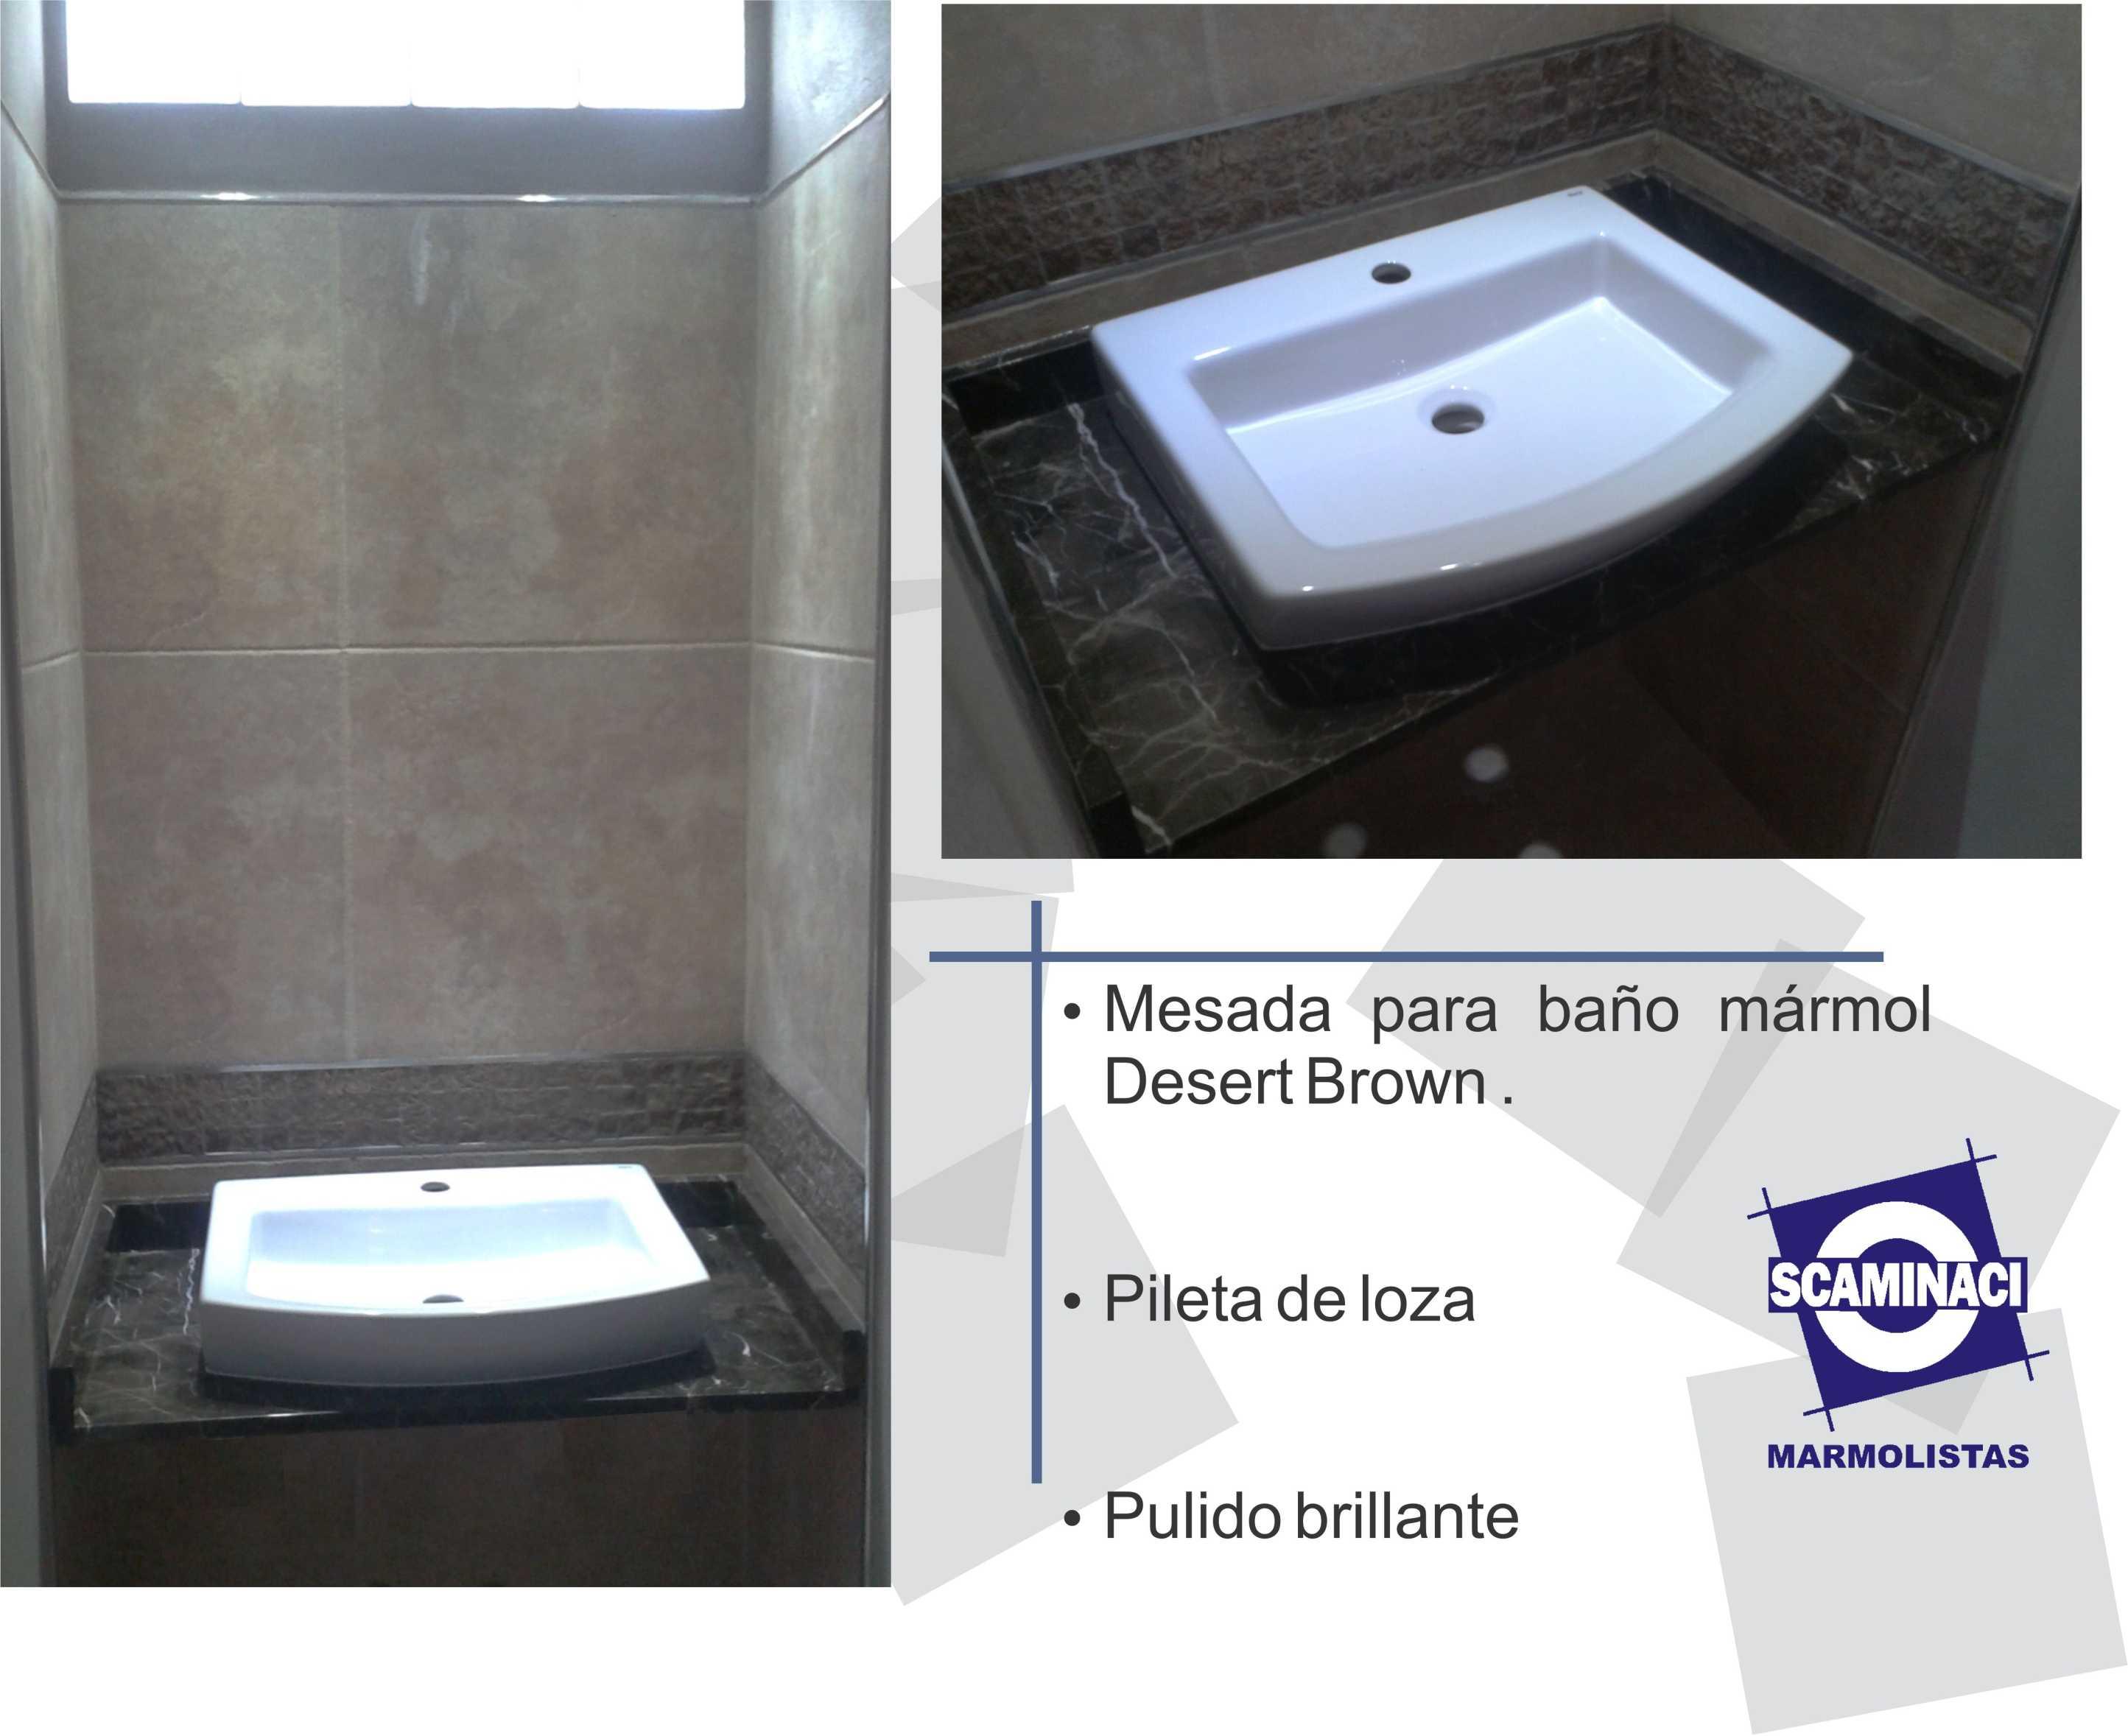 Scaminaci Marmolistas » Blog Archive » Mesada para baño ...